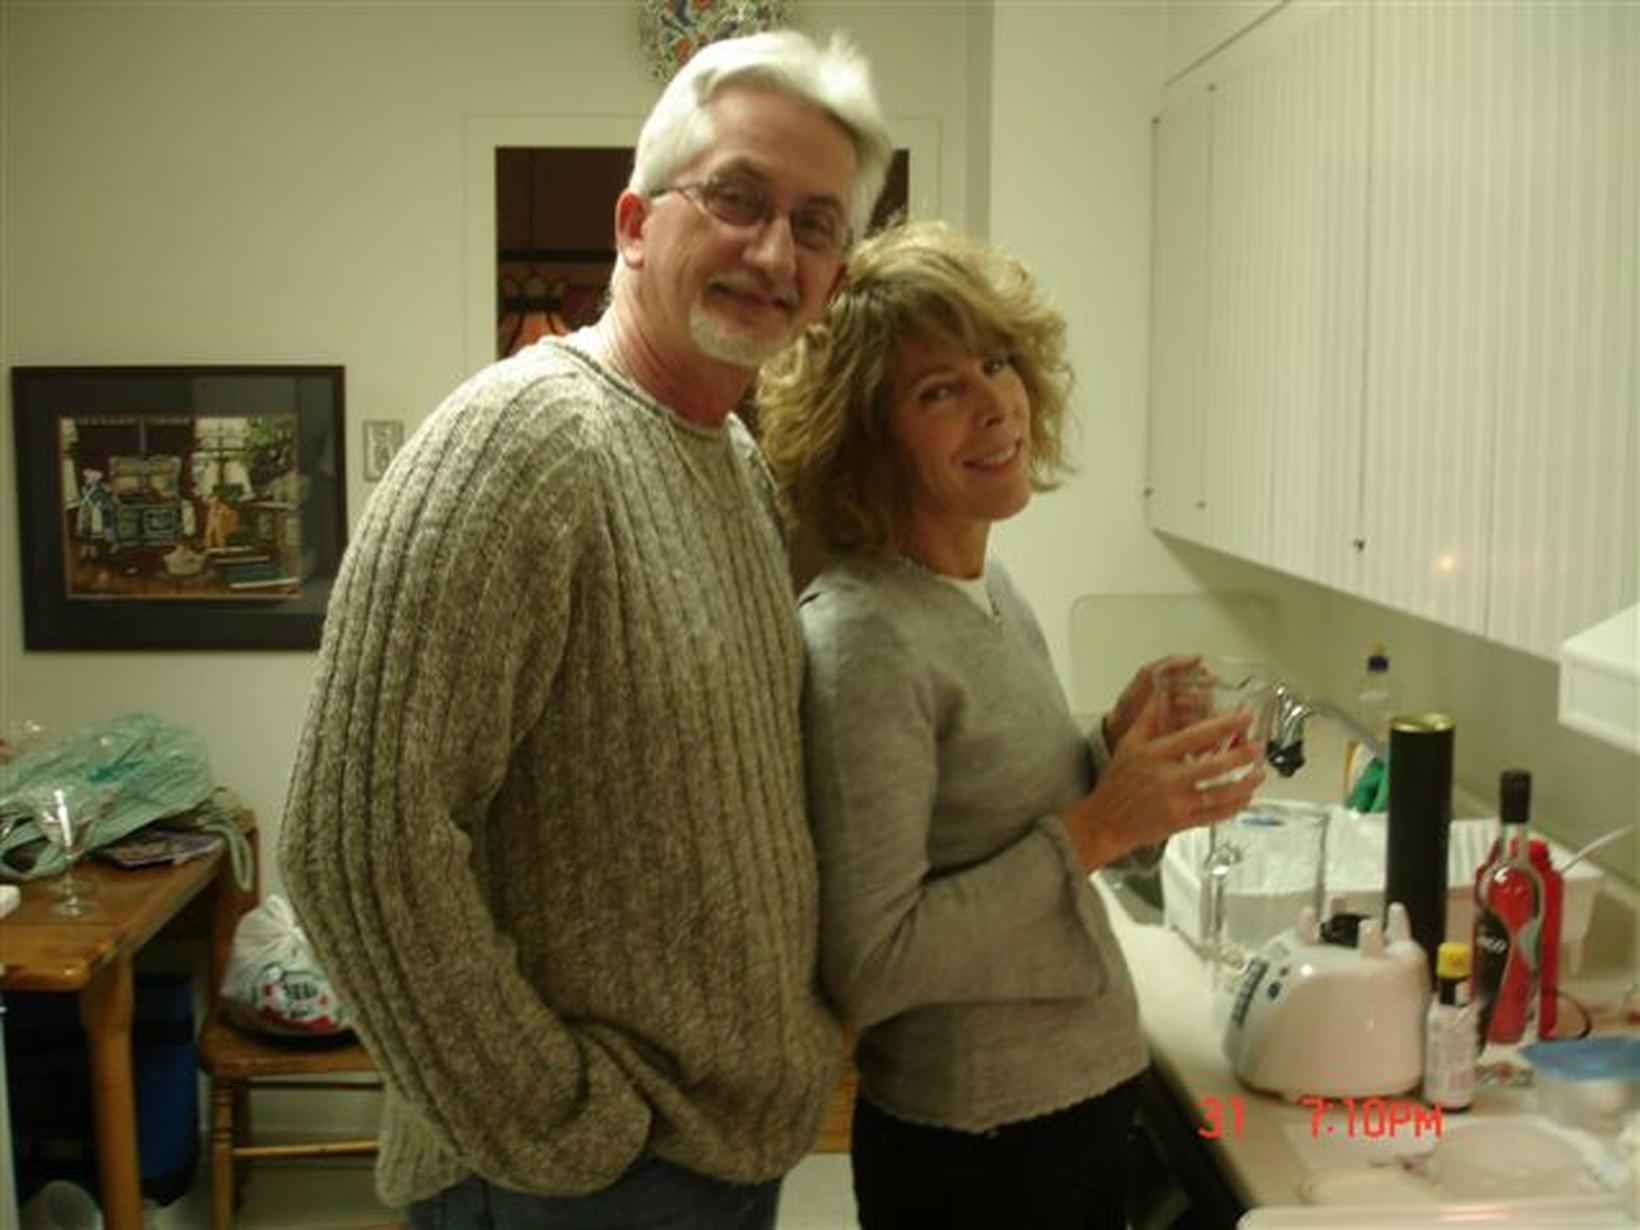 Wolf & Jill from Montréal, Quebec, Canada